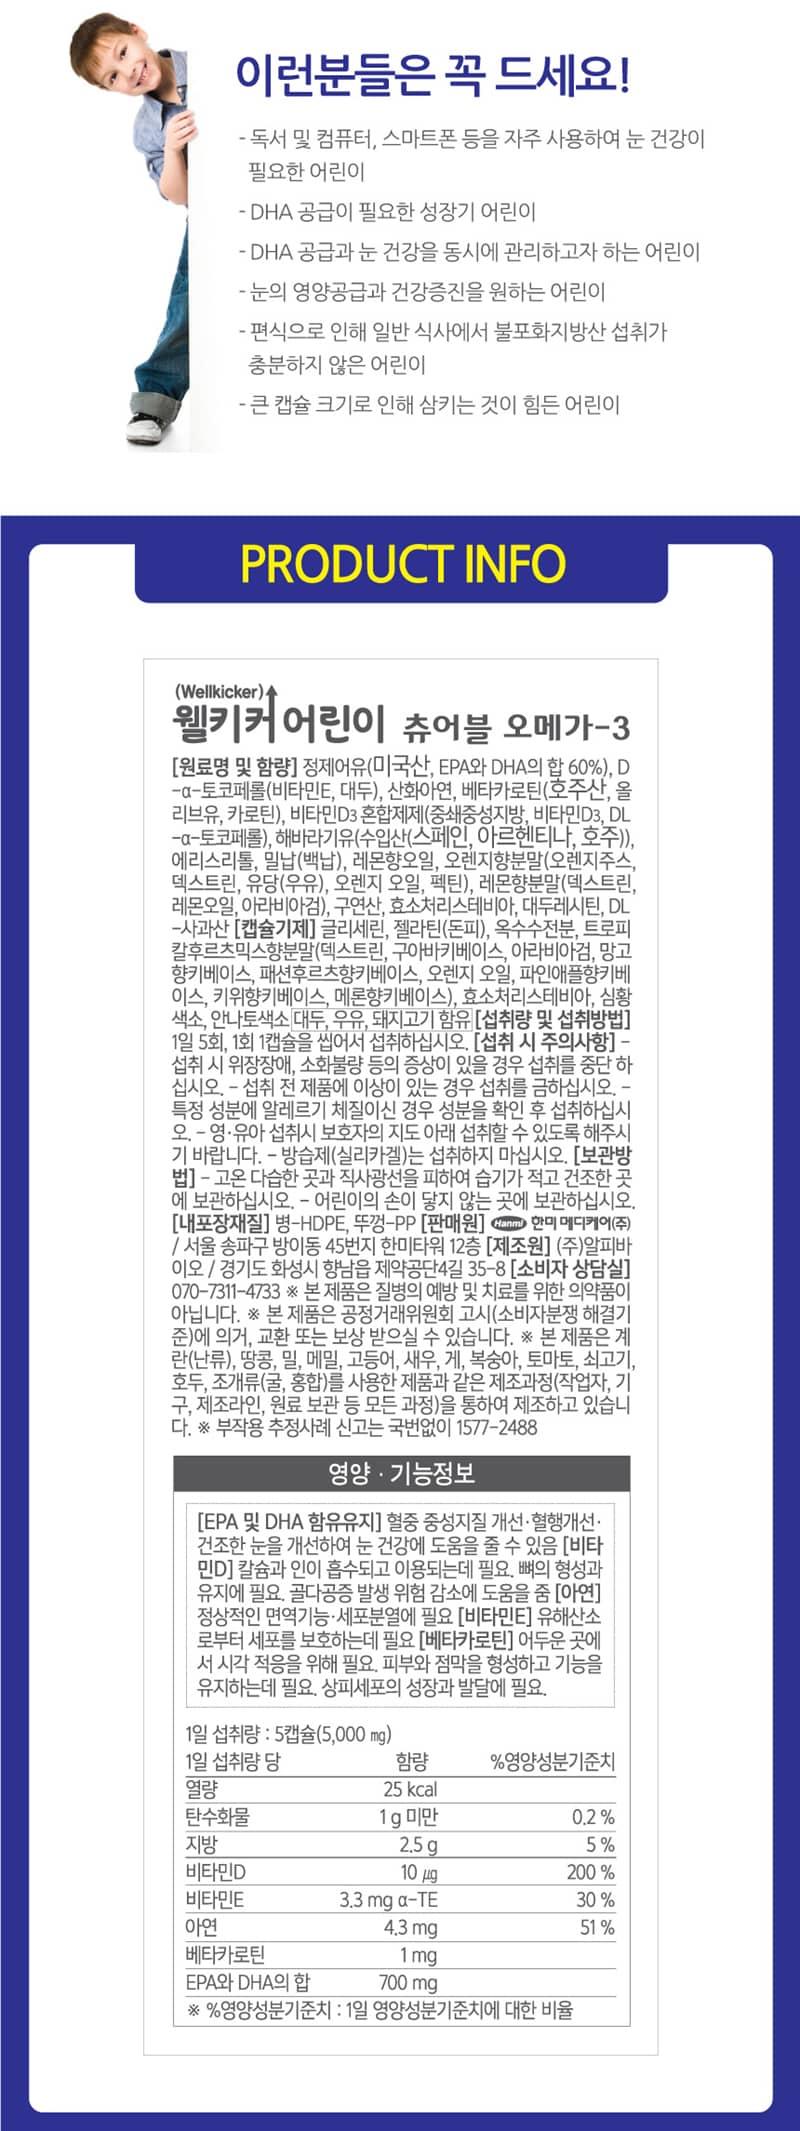 Hanmi-Kids_chyueobeul_omega3_detail_800_4.jpg